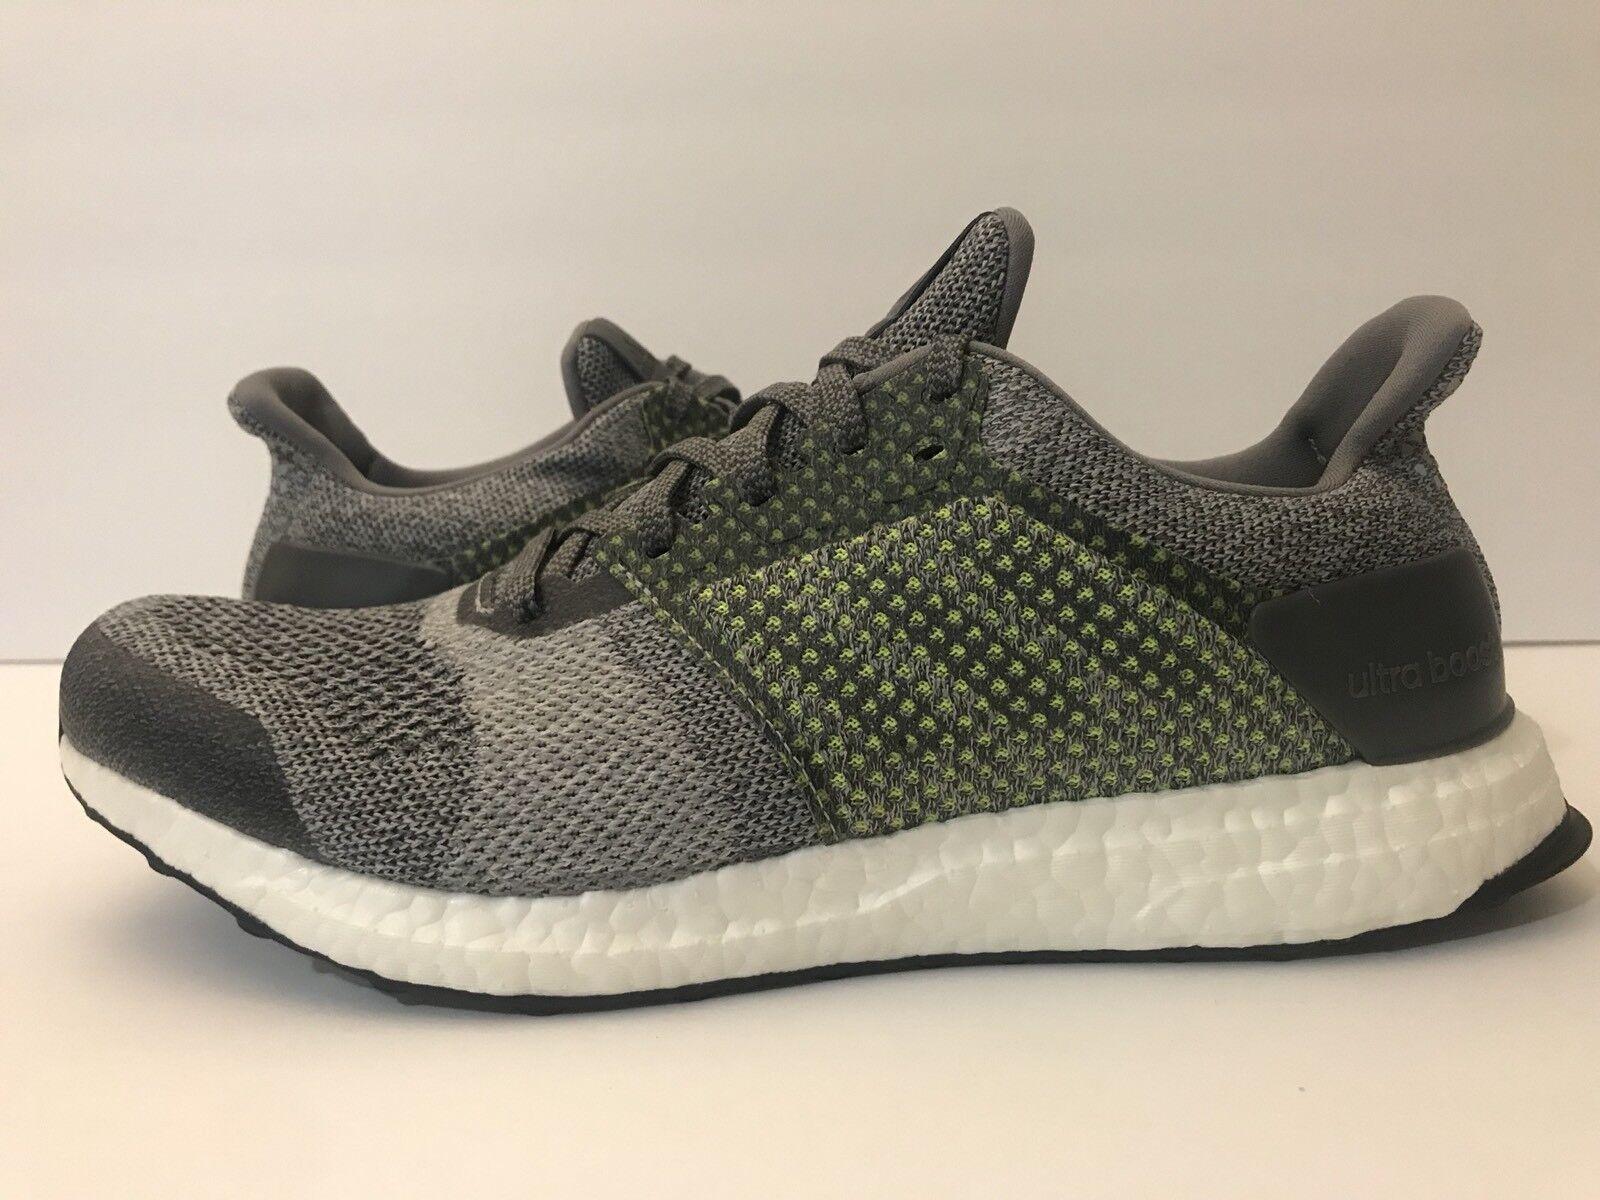 Adidas ultraboost st. primeknit continental continental continental grau / grün / weiß s80617 sz. 791f0c